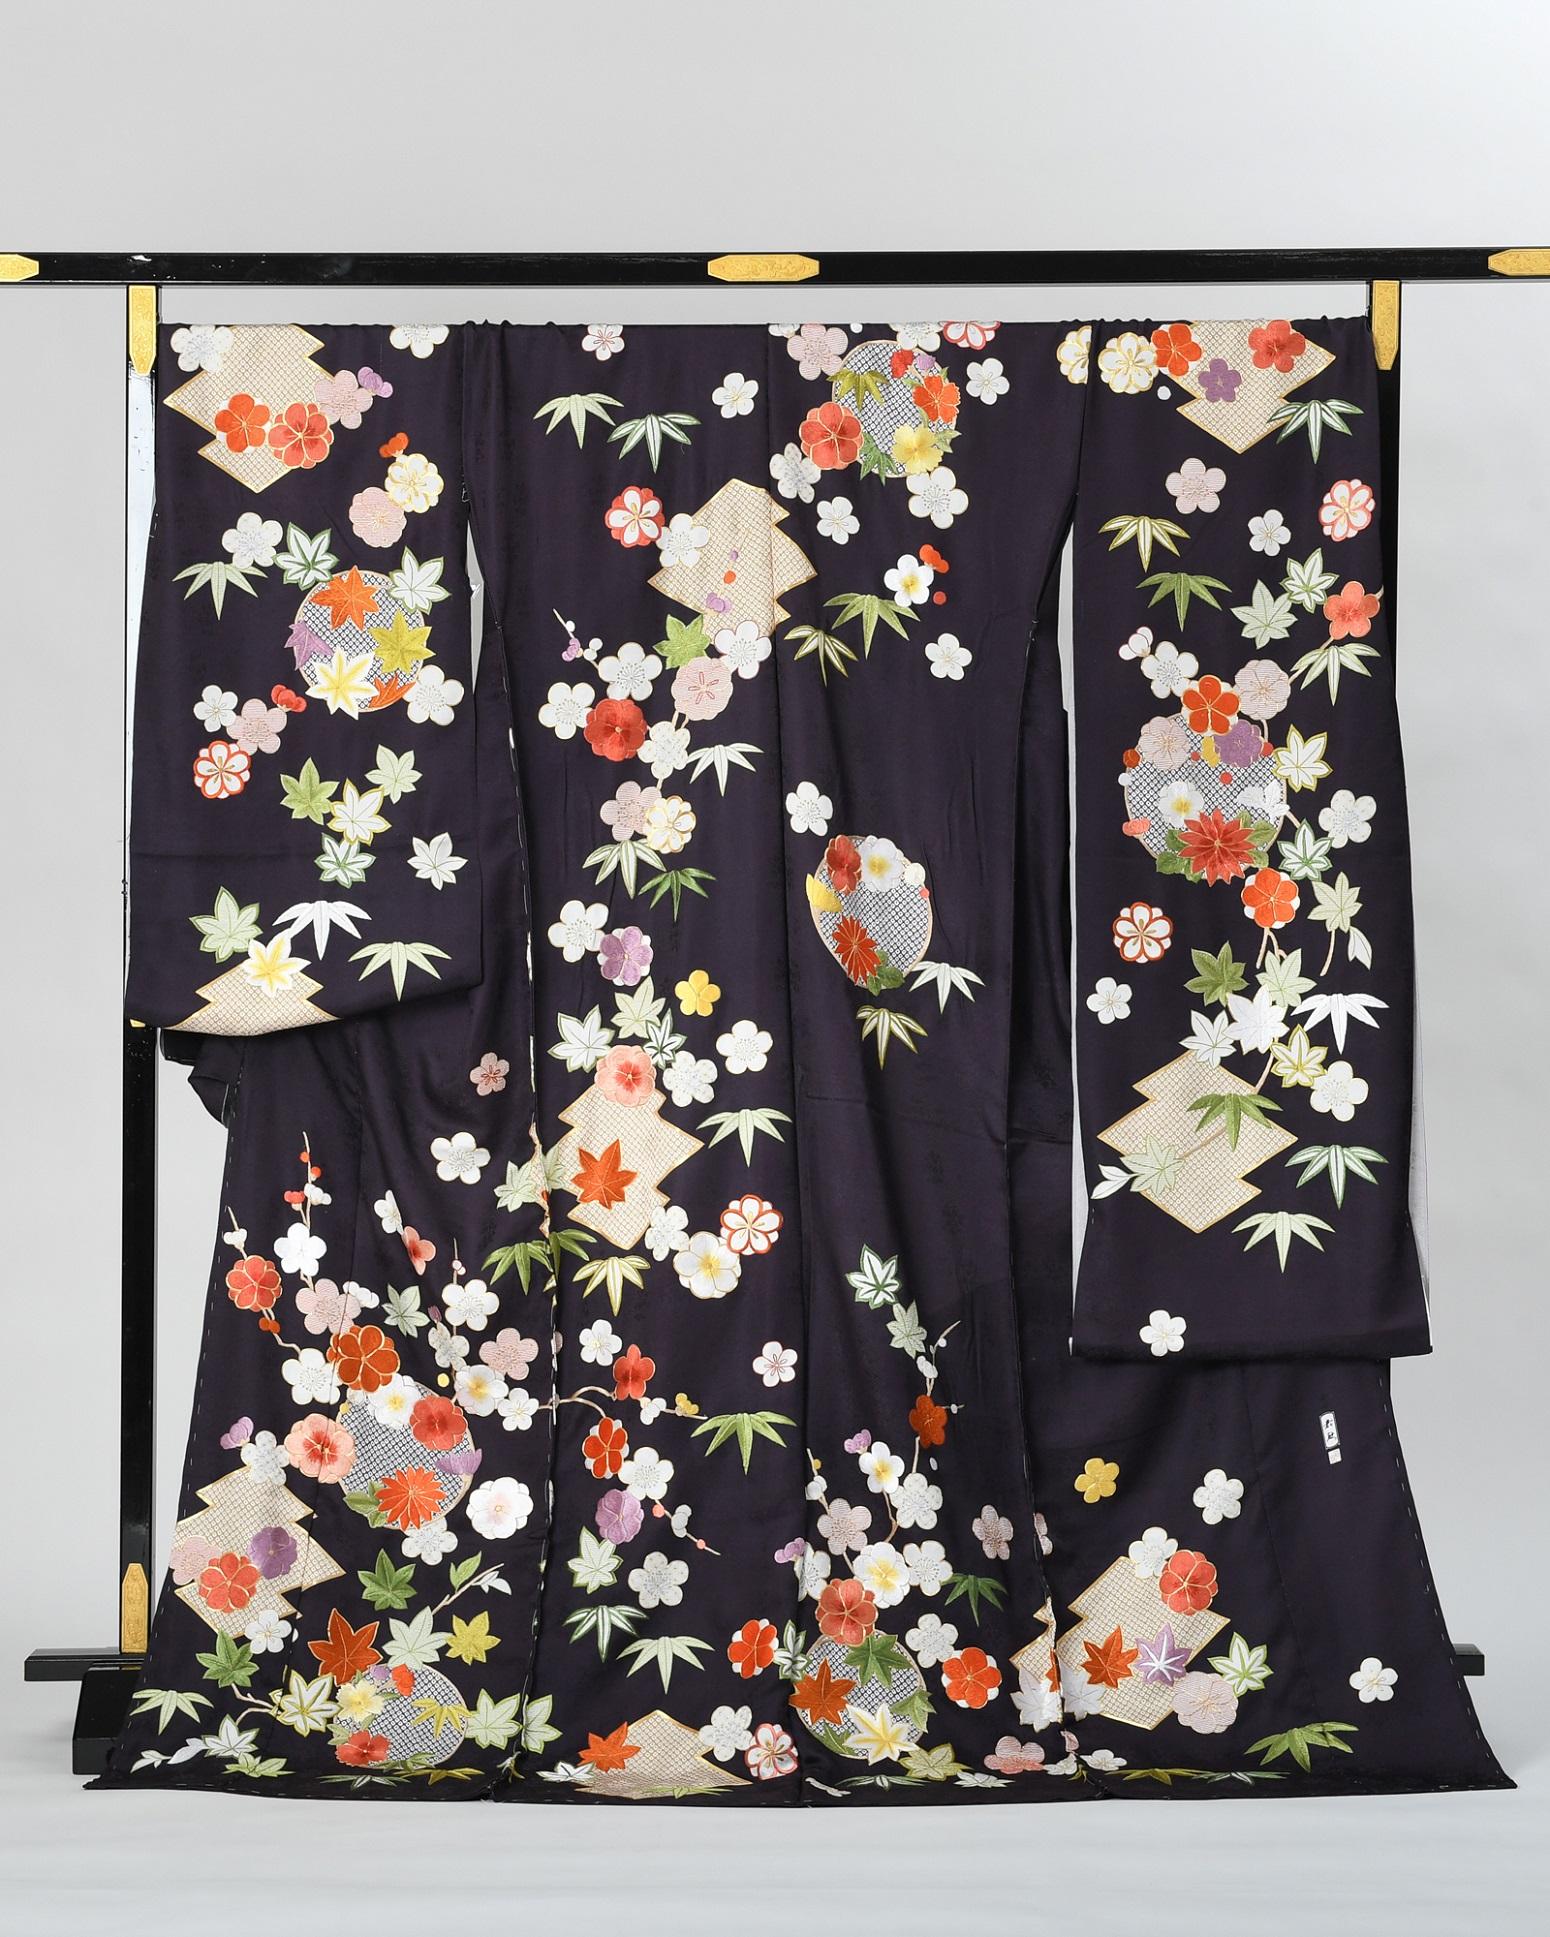 【刺繍の振袖オーダーレンタル】藤娘きぬたや謹製 ・黒・品番sk-55